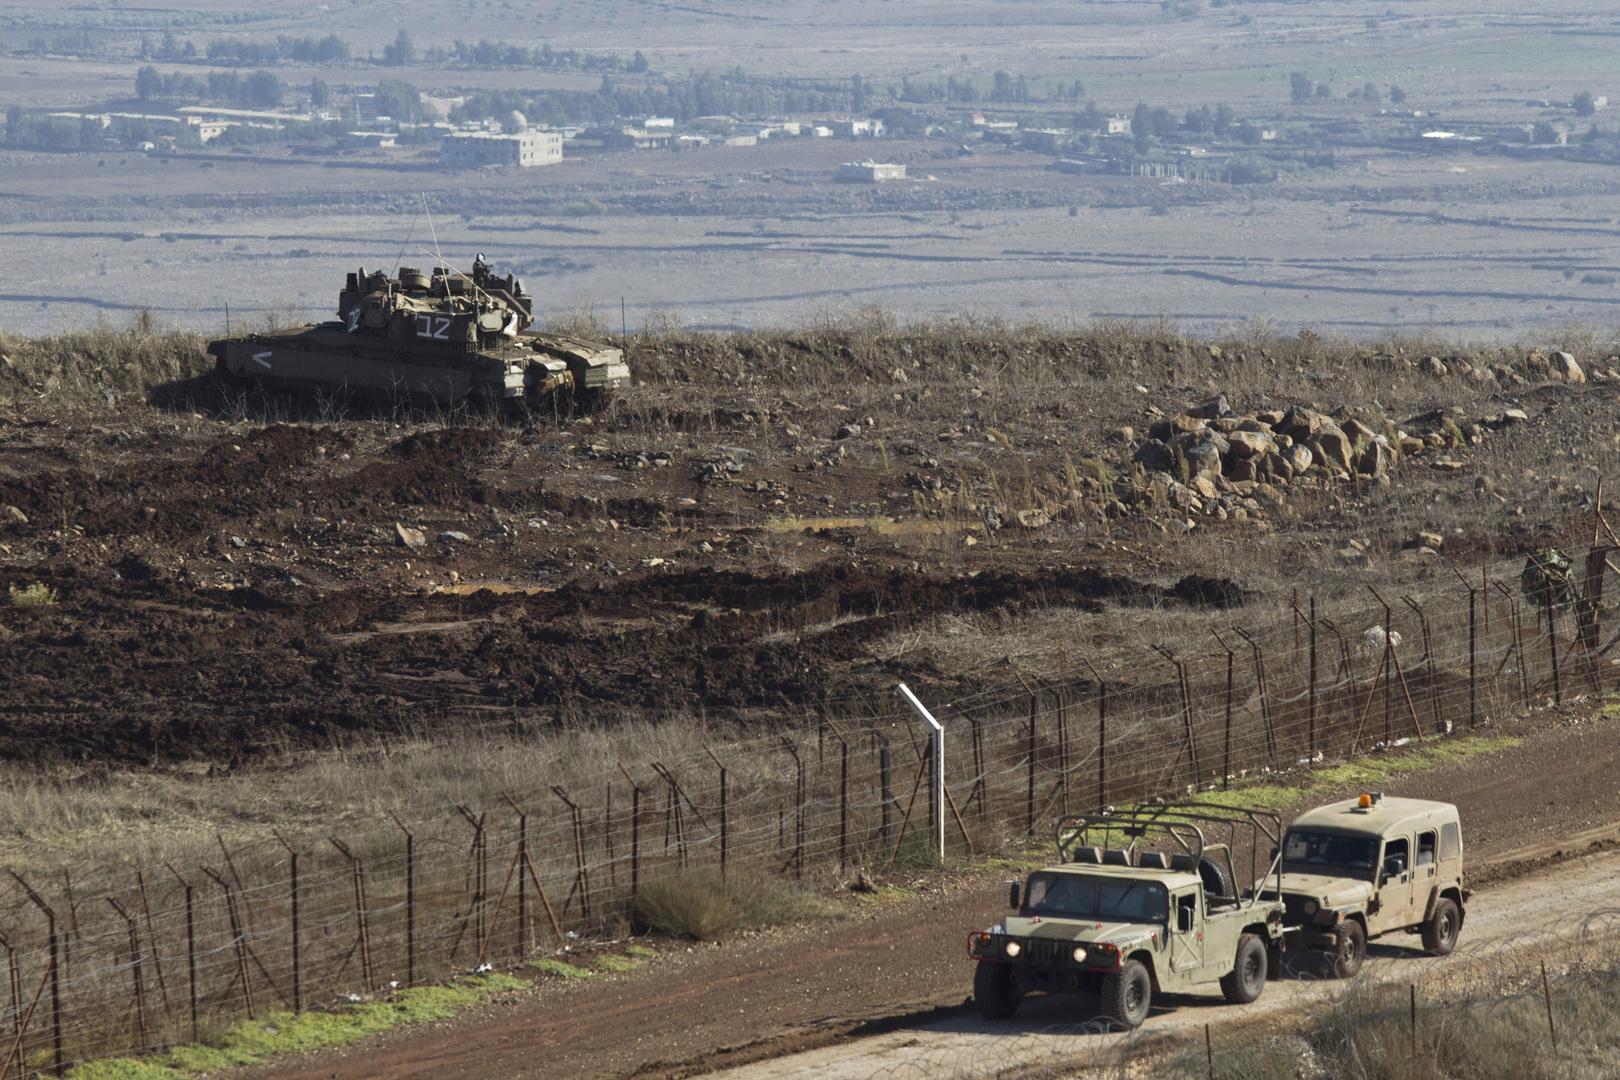 وسائل إعلام: مقتل أسير سوري محرر بالرصاص الإسرائيلي في القنيطرة